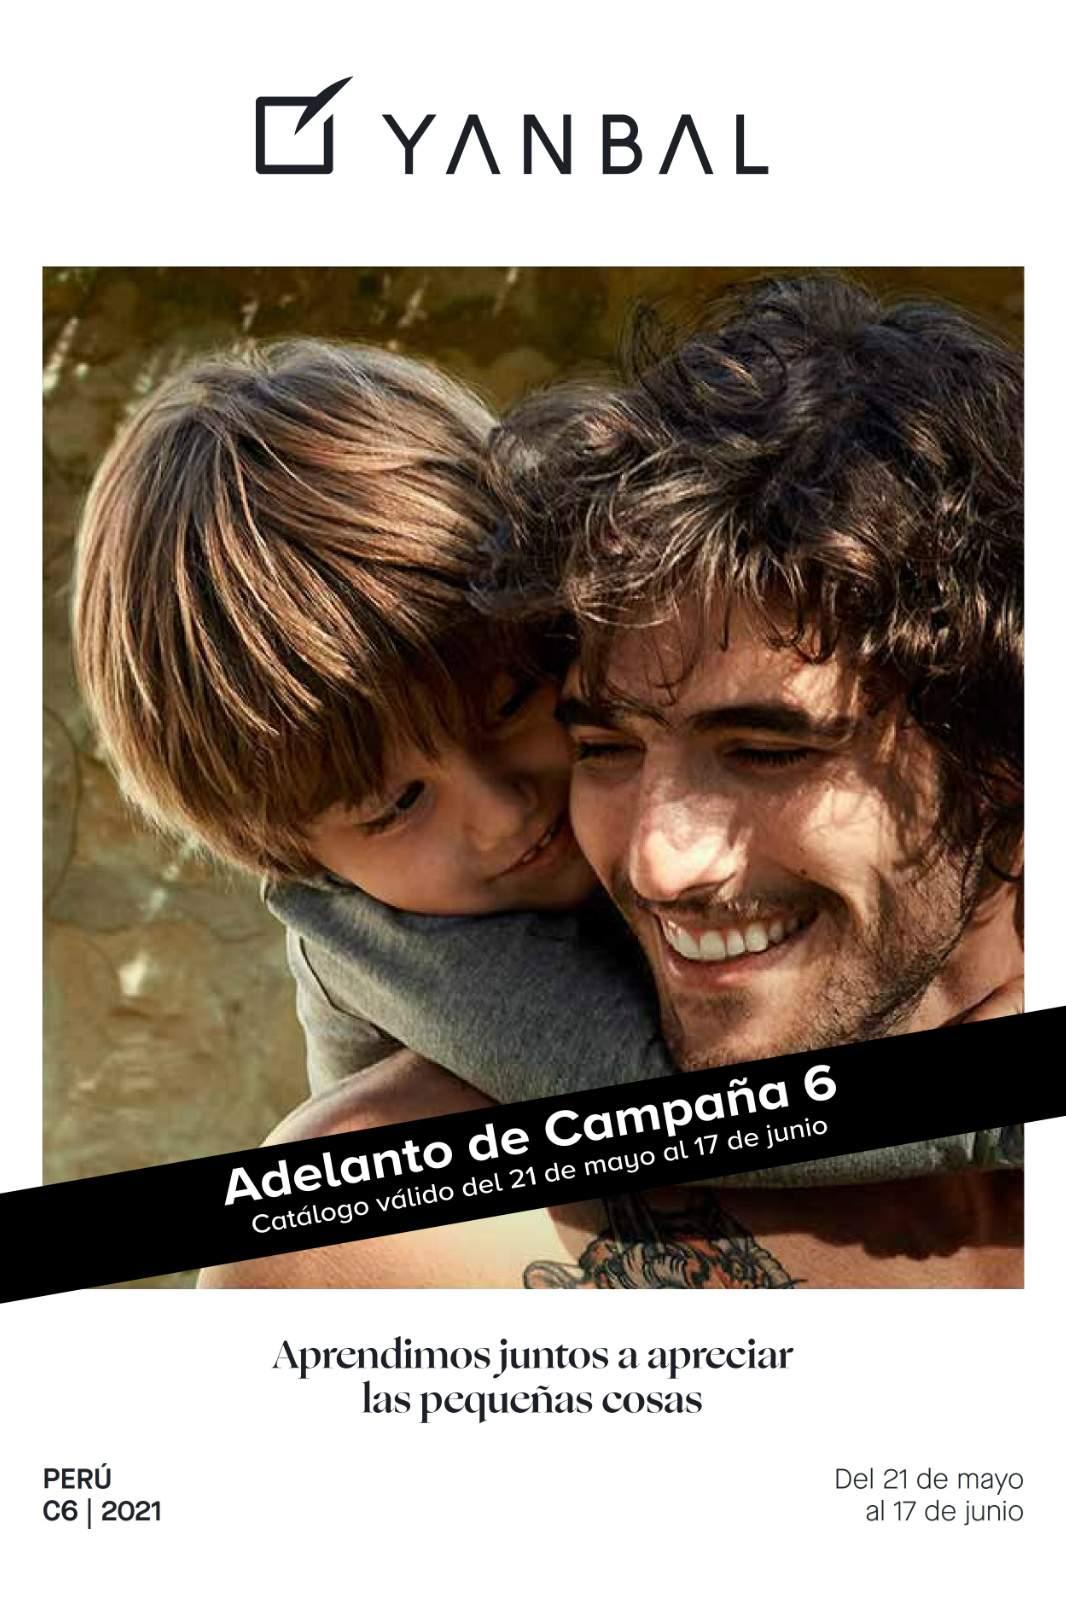 CAMPAÑA C6 UNIQUE PERÚ